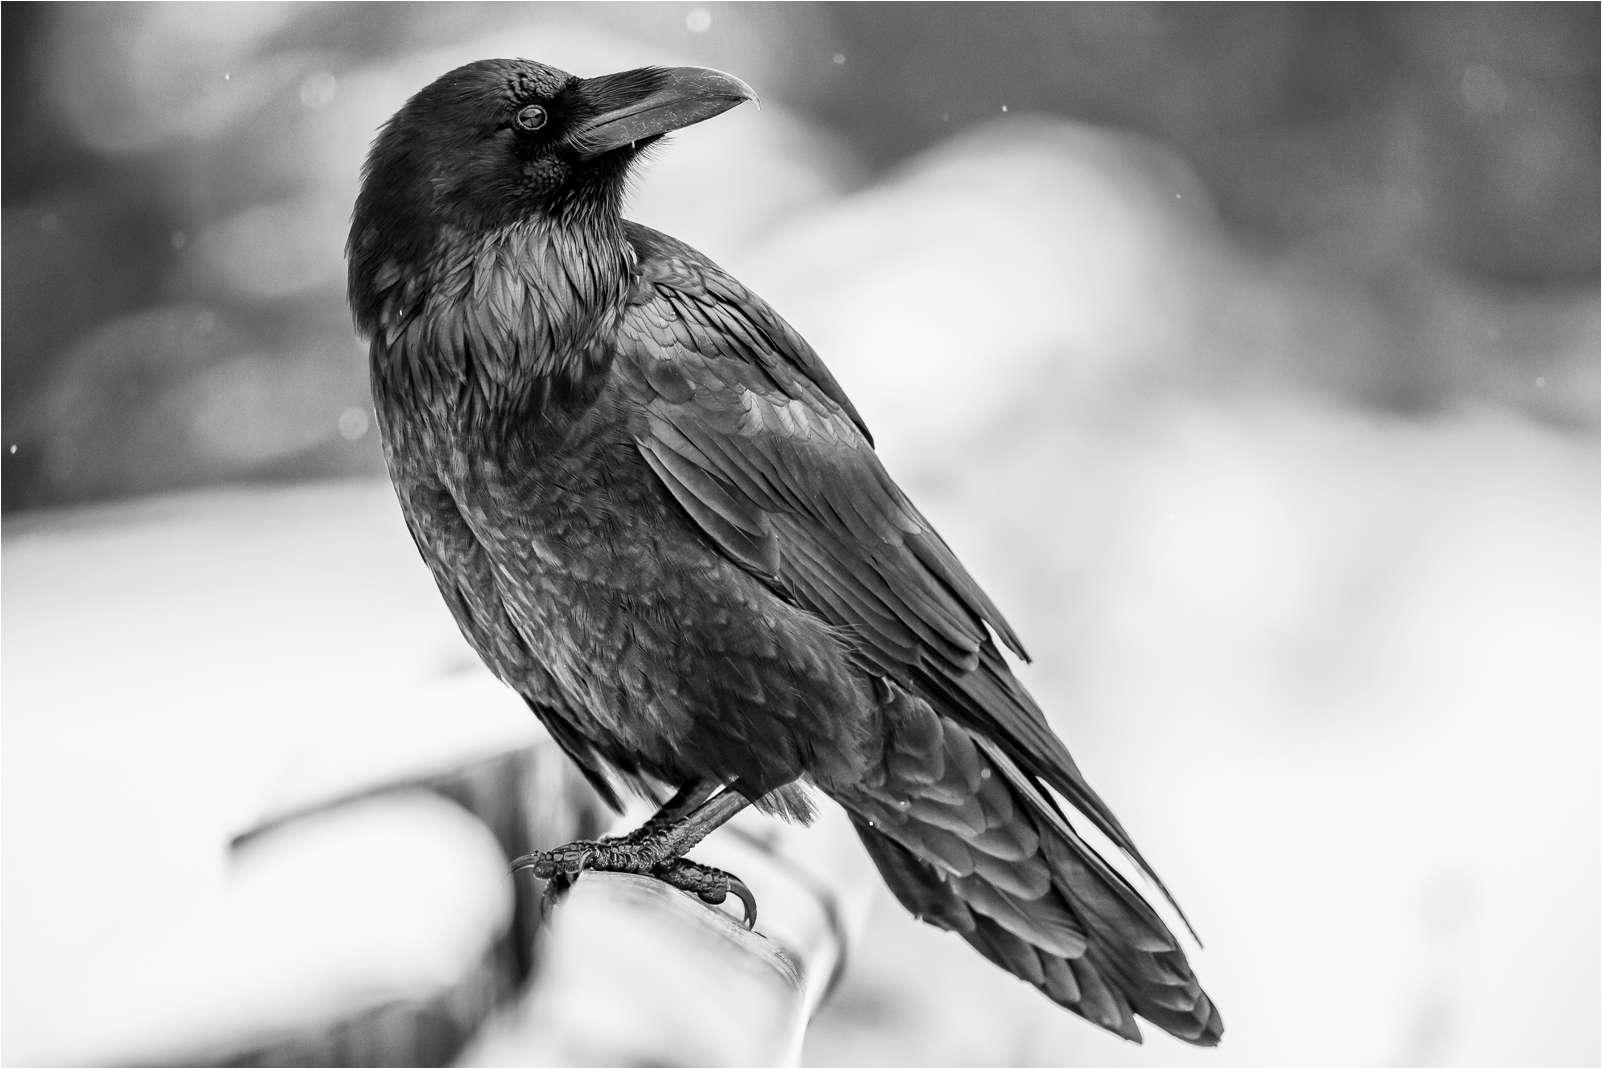 Ravens flying wallpaper - photo#21